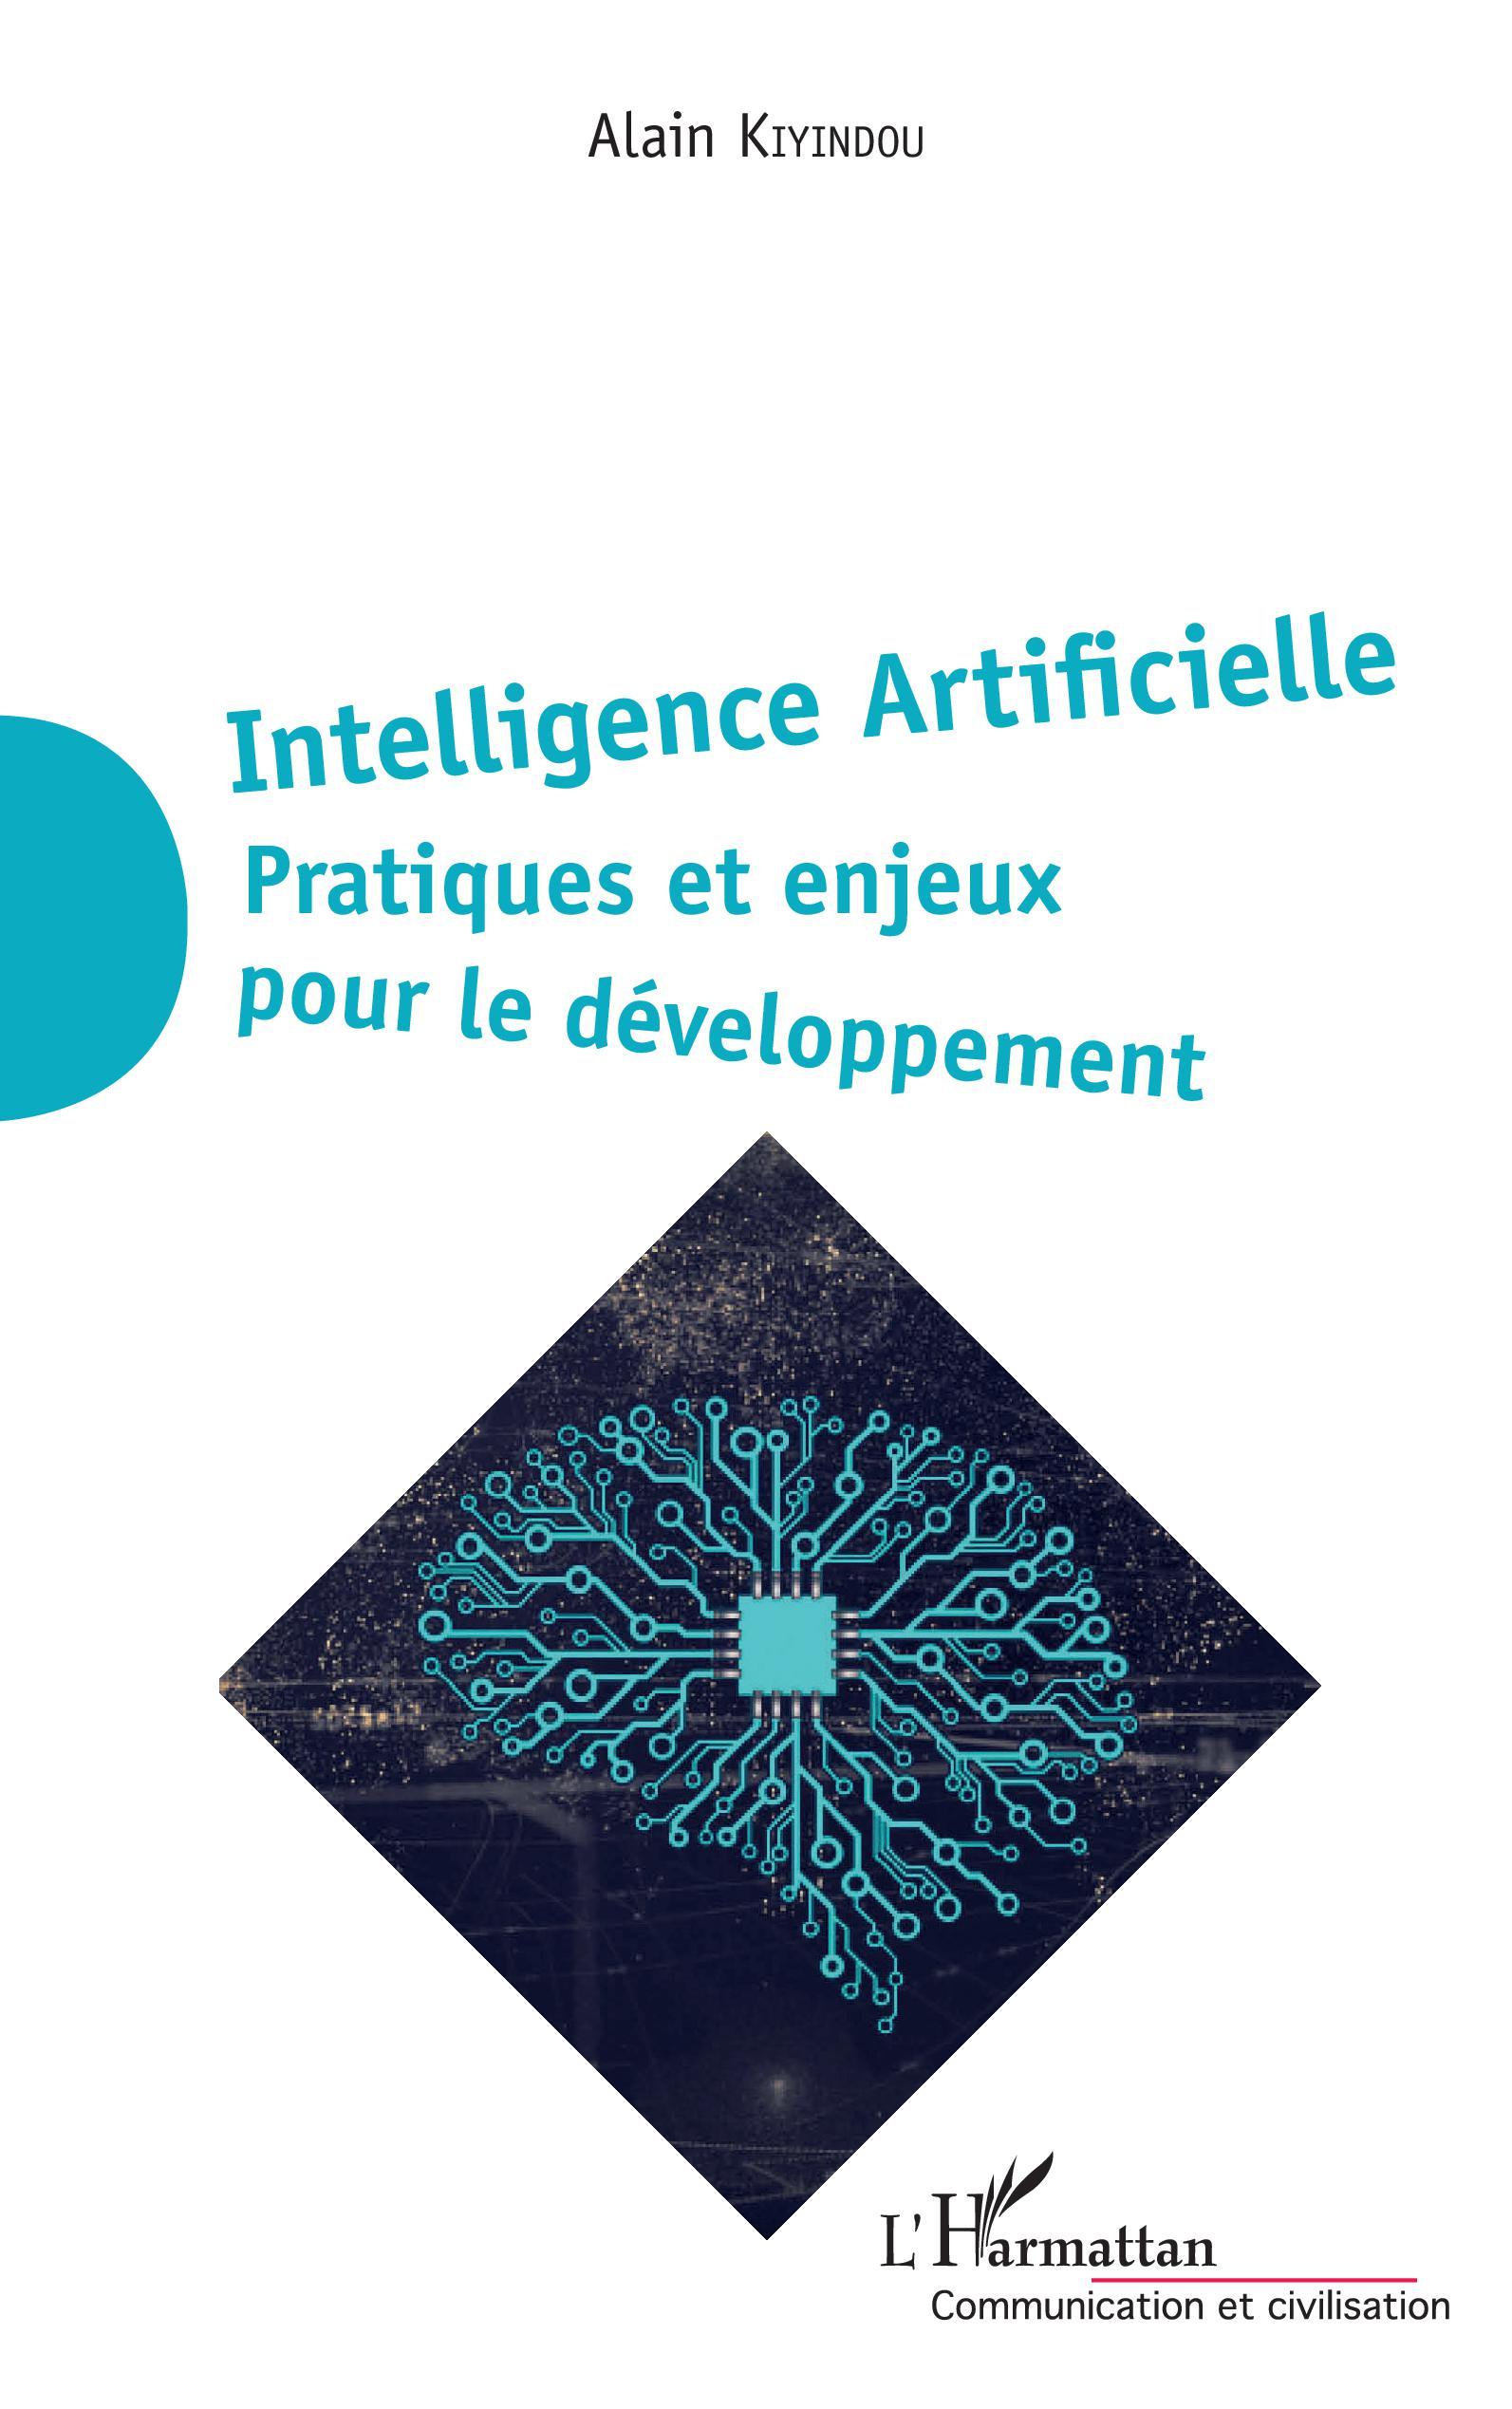 Intelligence Artificielle Pratiques et enjeux pour le développement